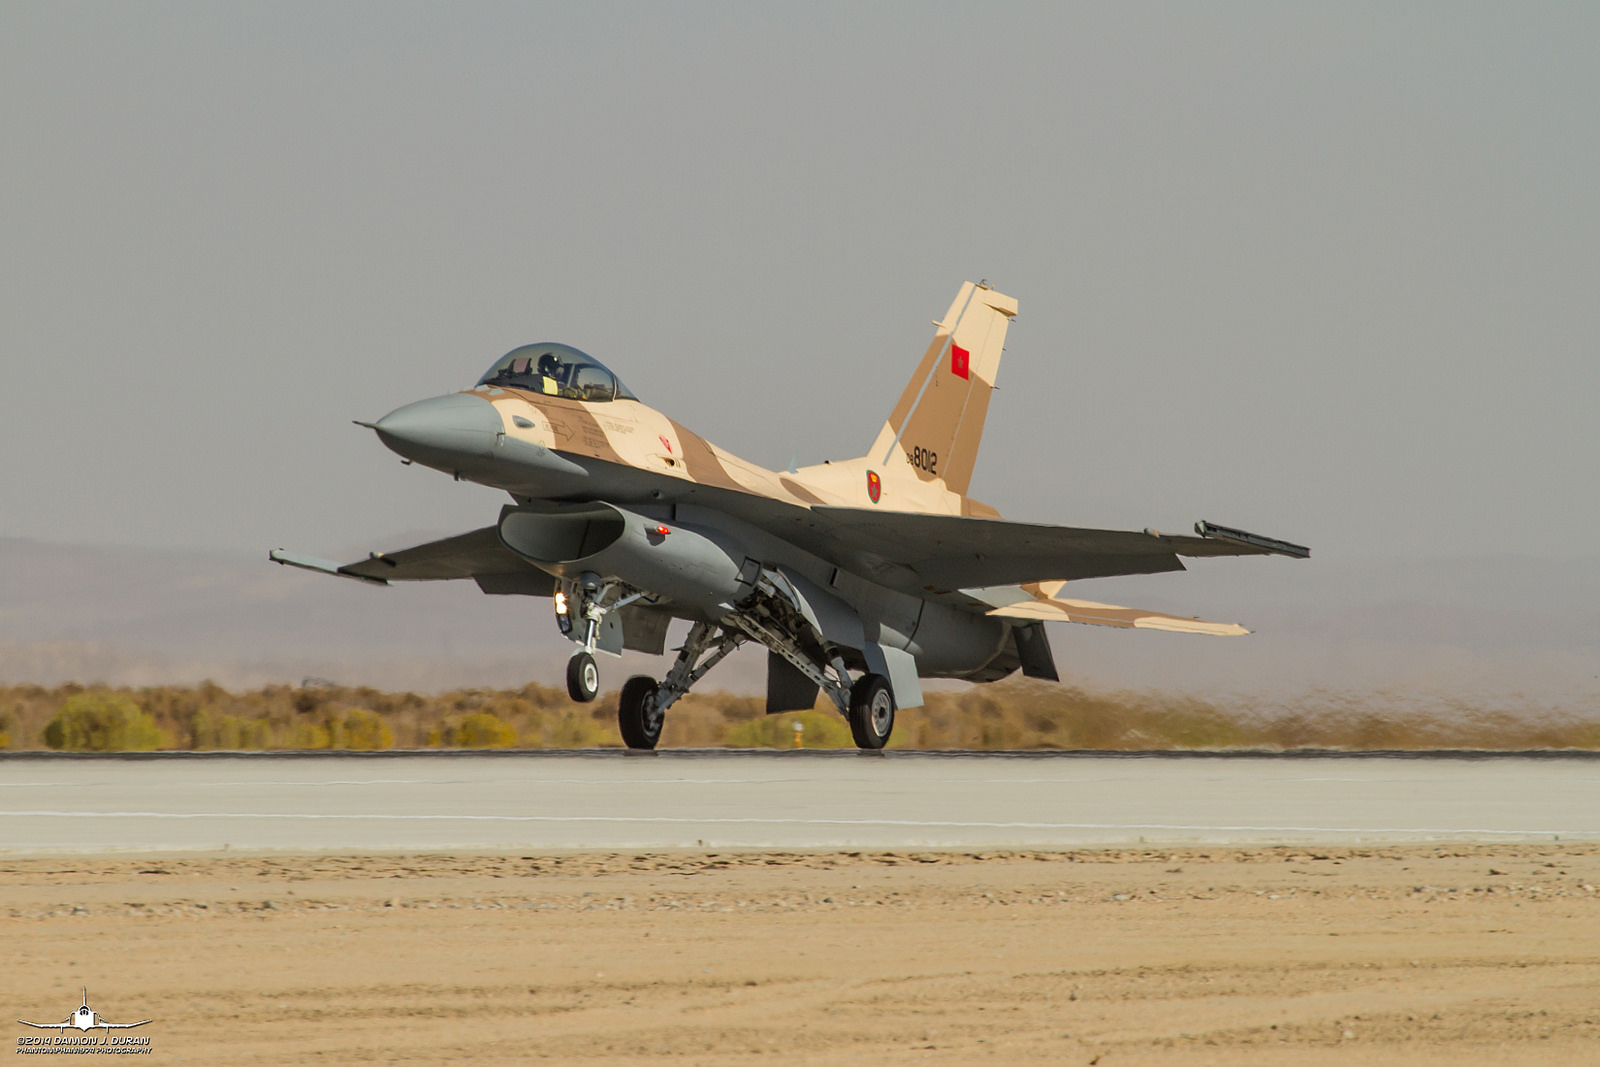 القوات الجوية الملكية المغربية - متجدد - 183229155590815158ca059d9f7h